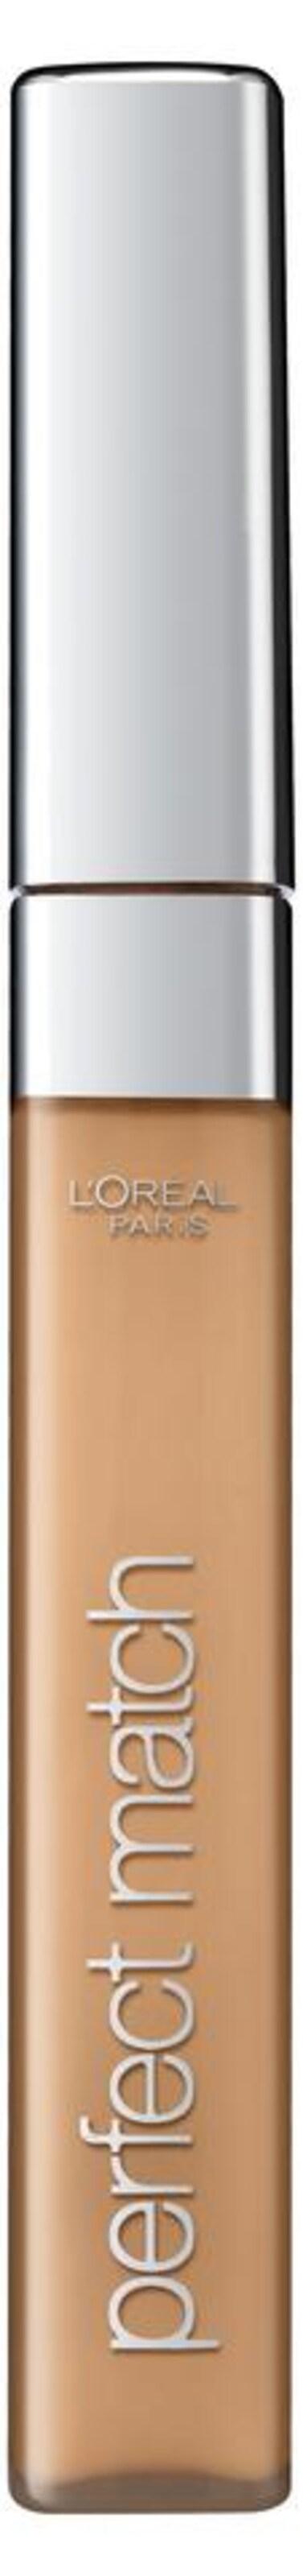 In Beige Match' 'perfect Concealer L'oréal Paris qARc3jS5L4